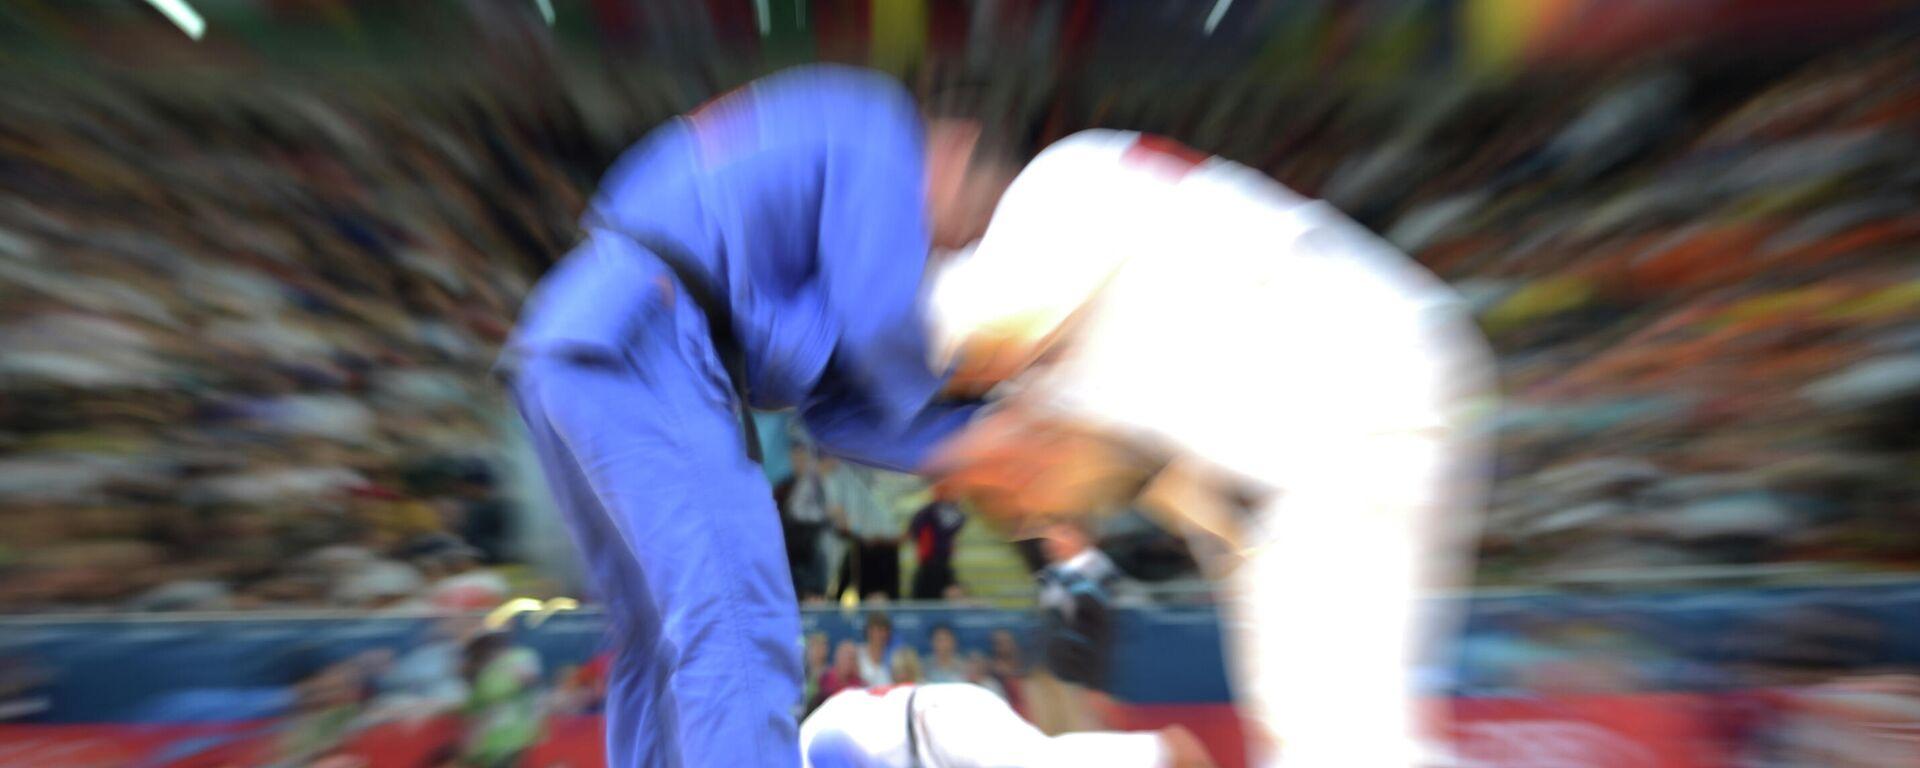 Φάση από αγώνα τζούντο το 2012 - Sputnik Ελλάδα, 1920, 14.09.2021